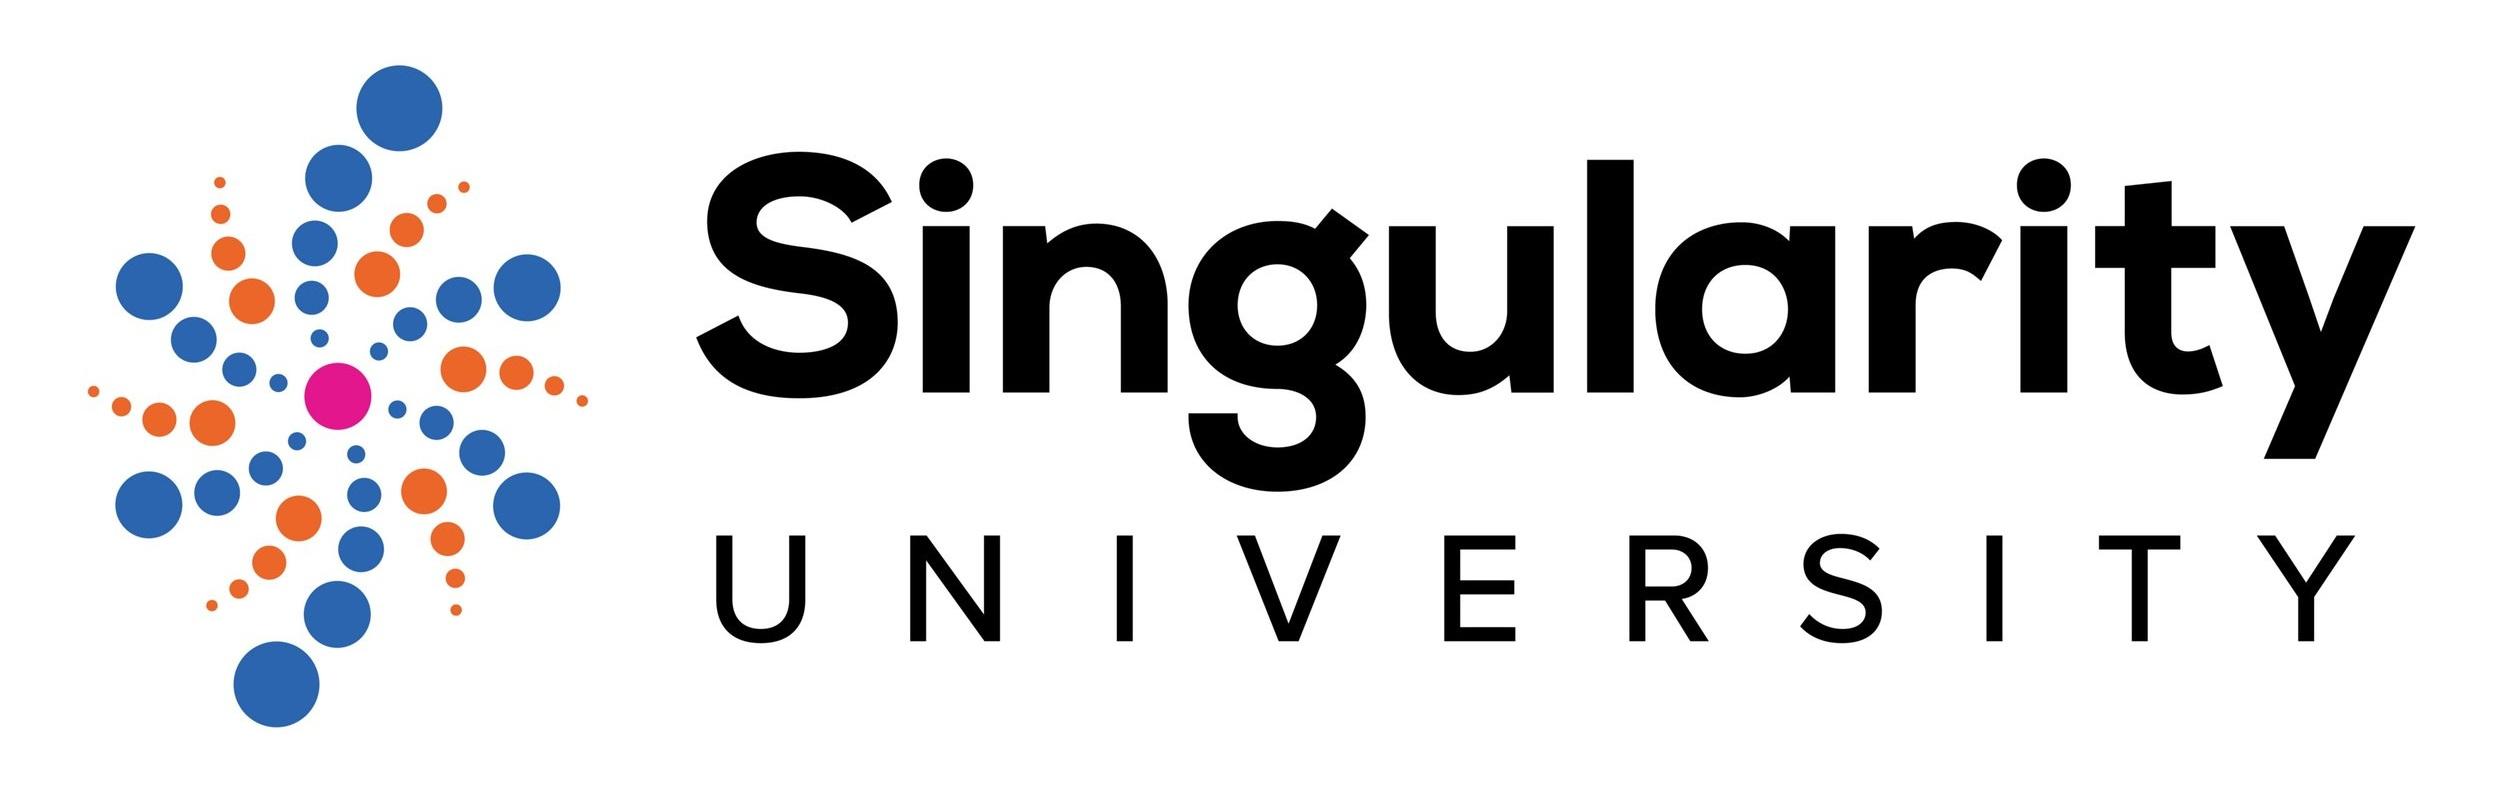 Singularity University Logo.jpg